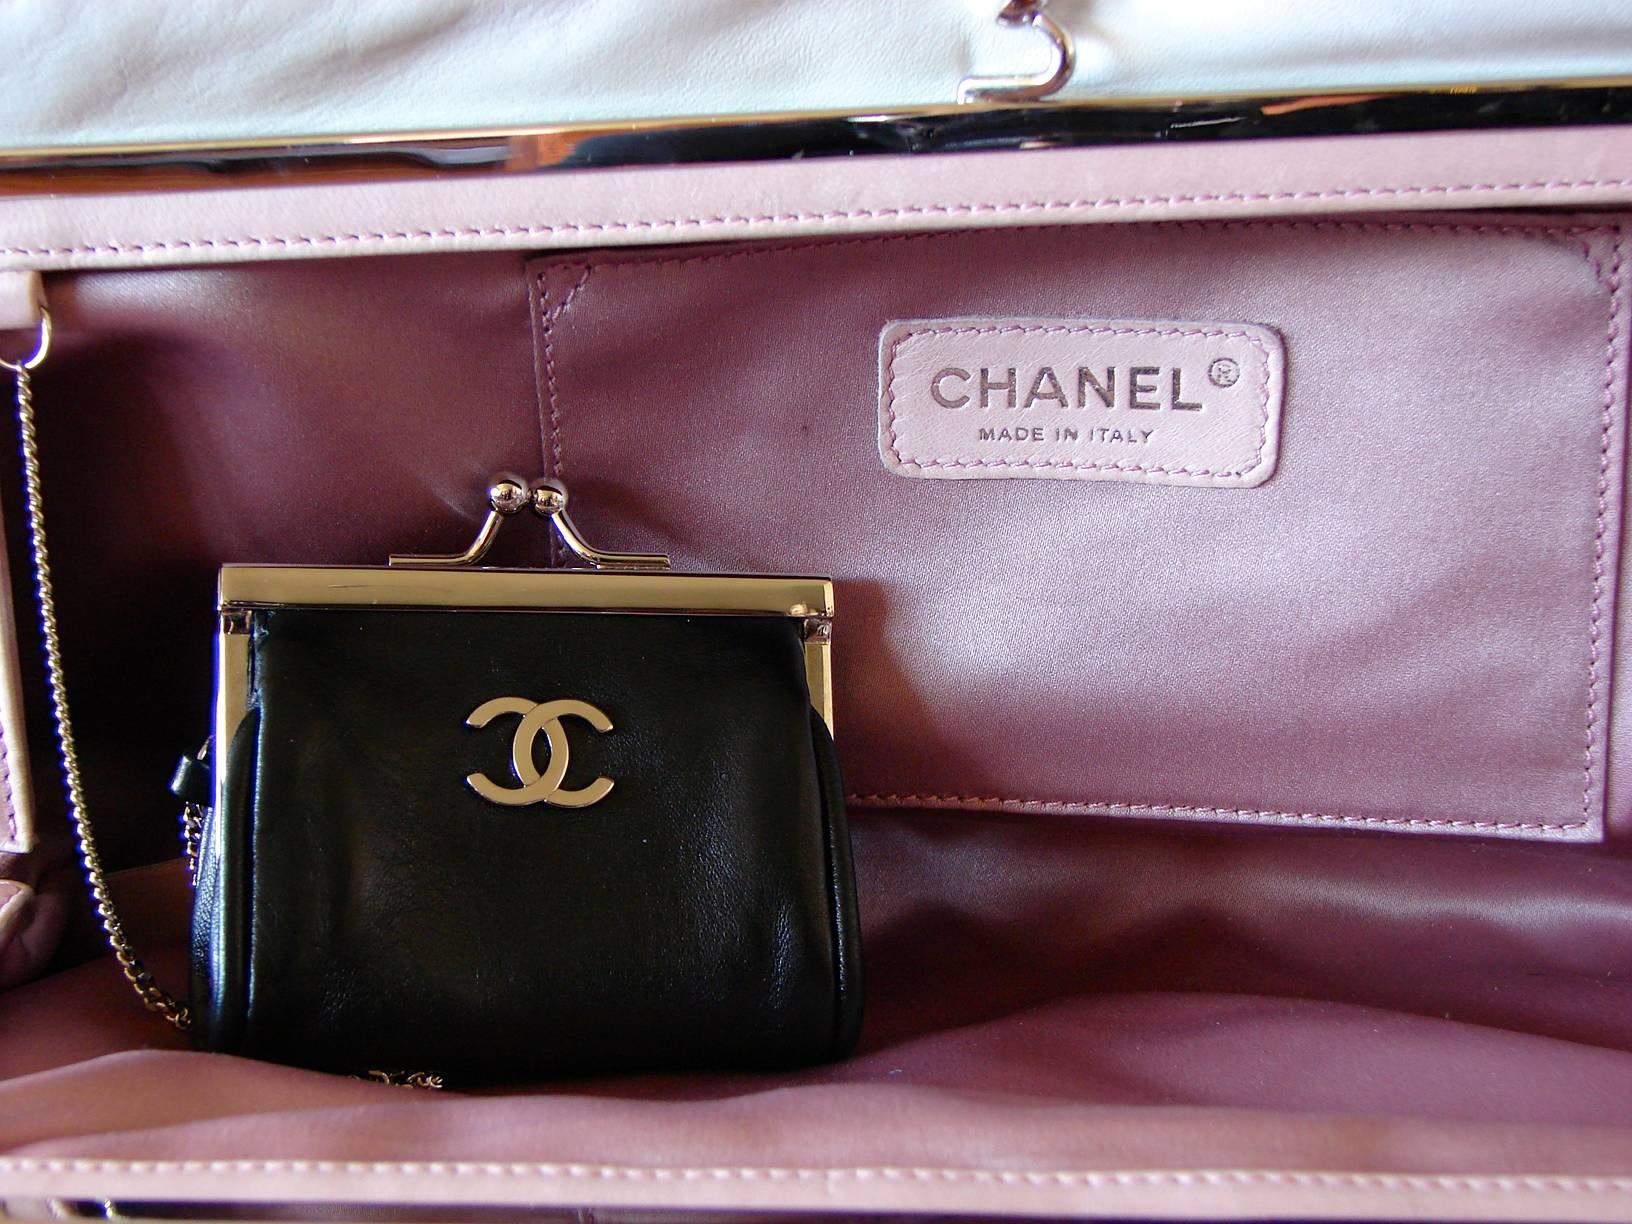 54ad16fe3cf5 Chanel Black Lambskin Matelassé Clutch White Trim + Chain Coin Purse 2009 +  Box at 1stdibs